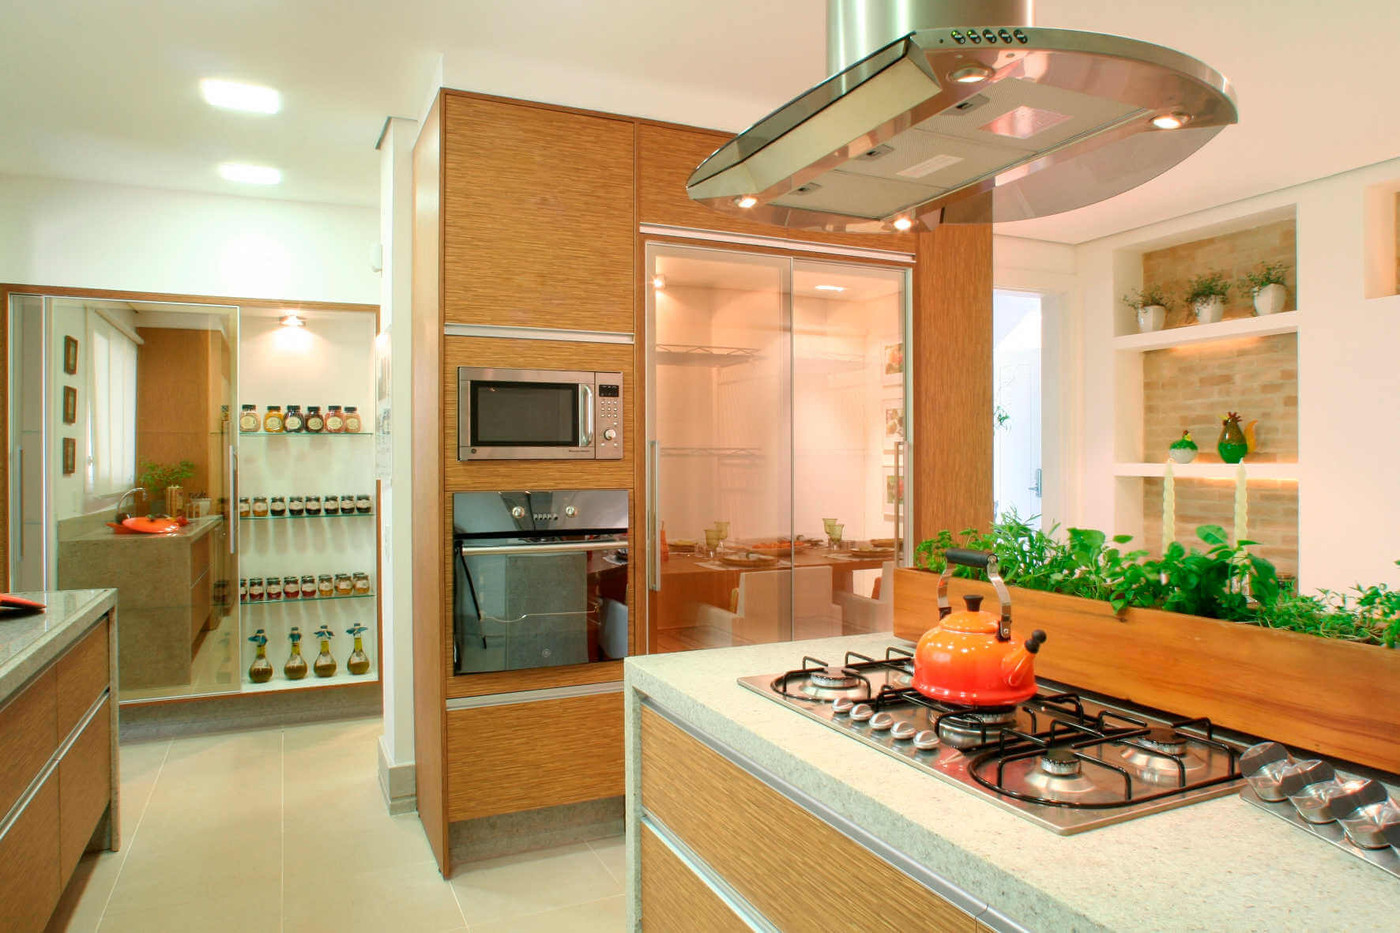 cozinha13 (1).jpg